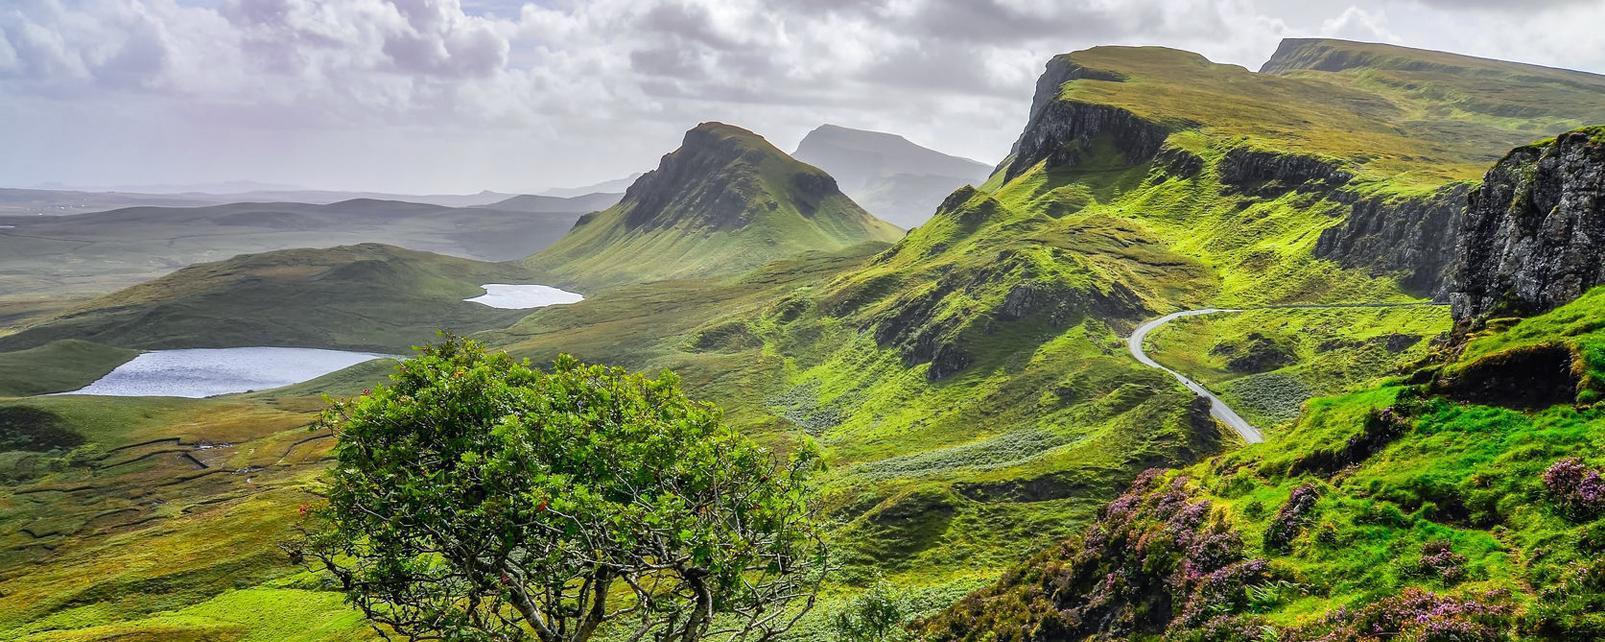 Wallpaper Hd Mu Travel To Isle Of Skye United Kingdom Isle Of Skye